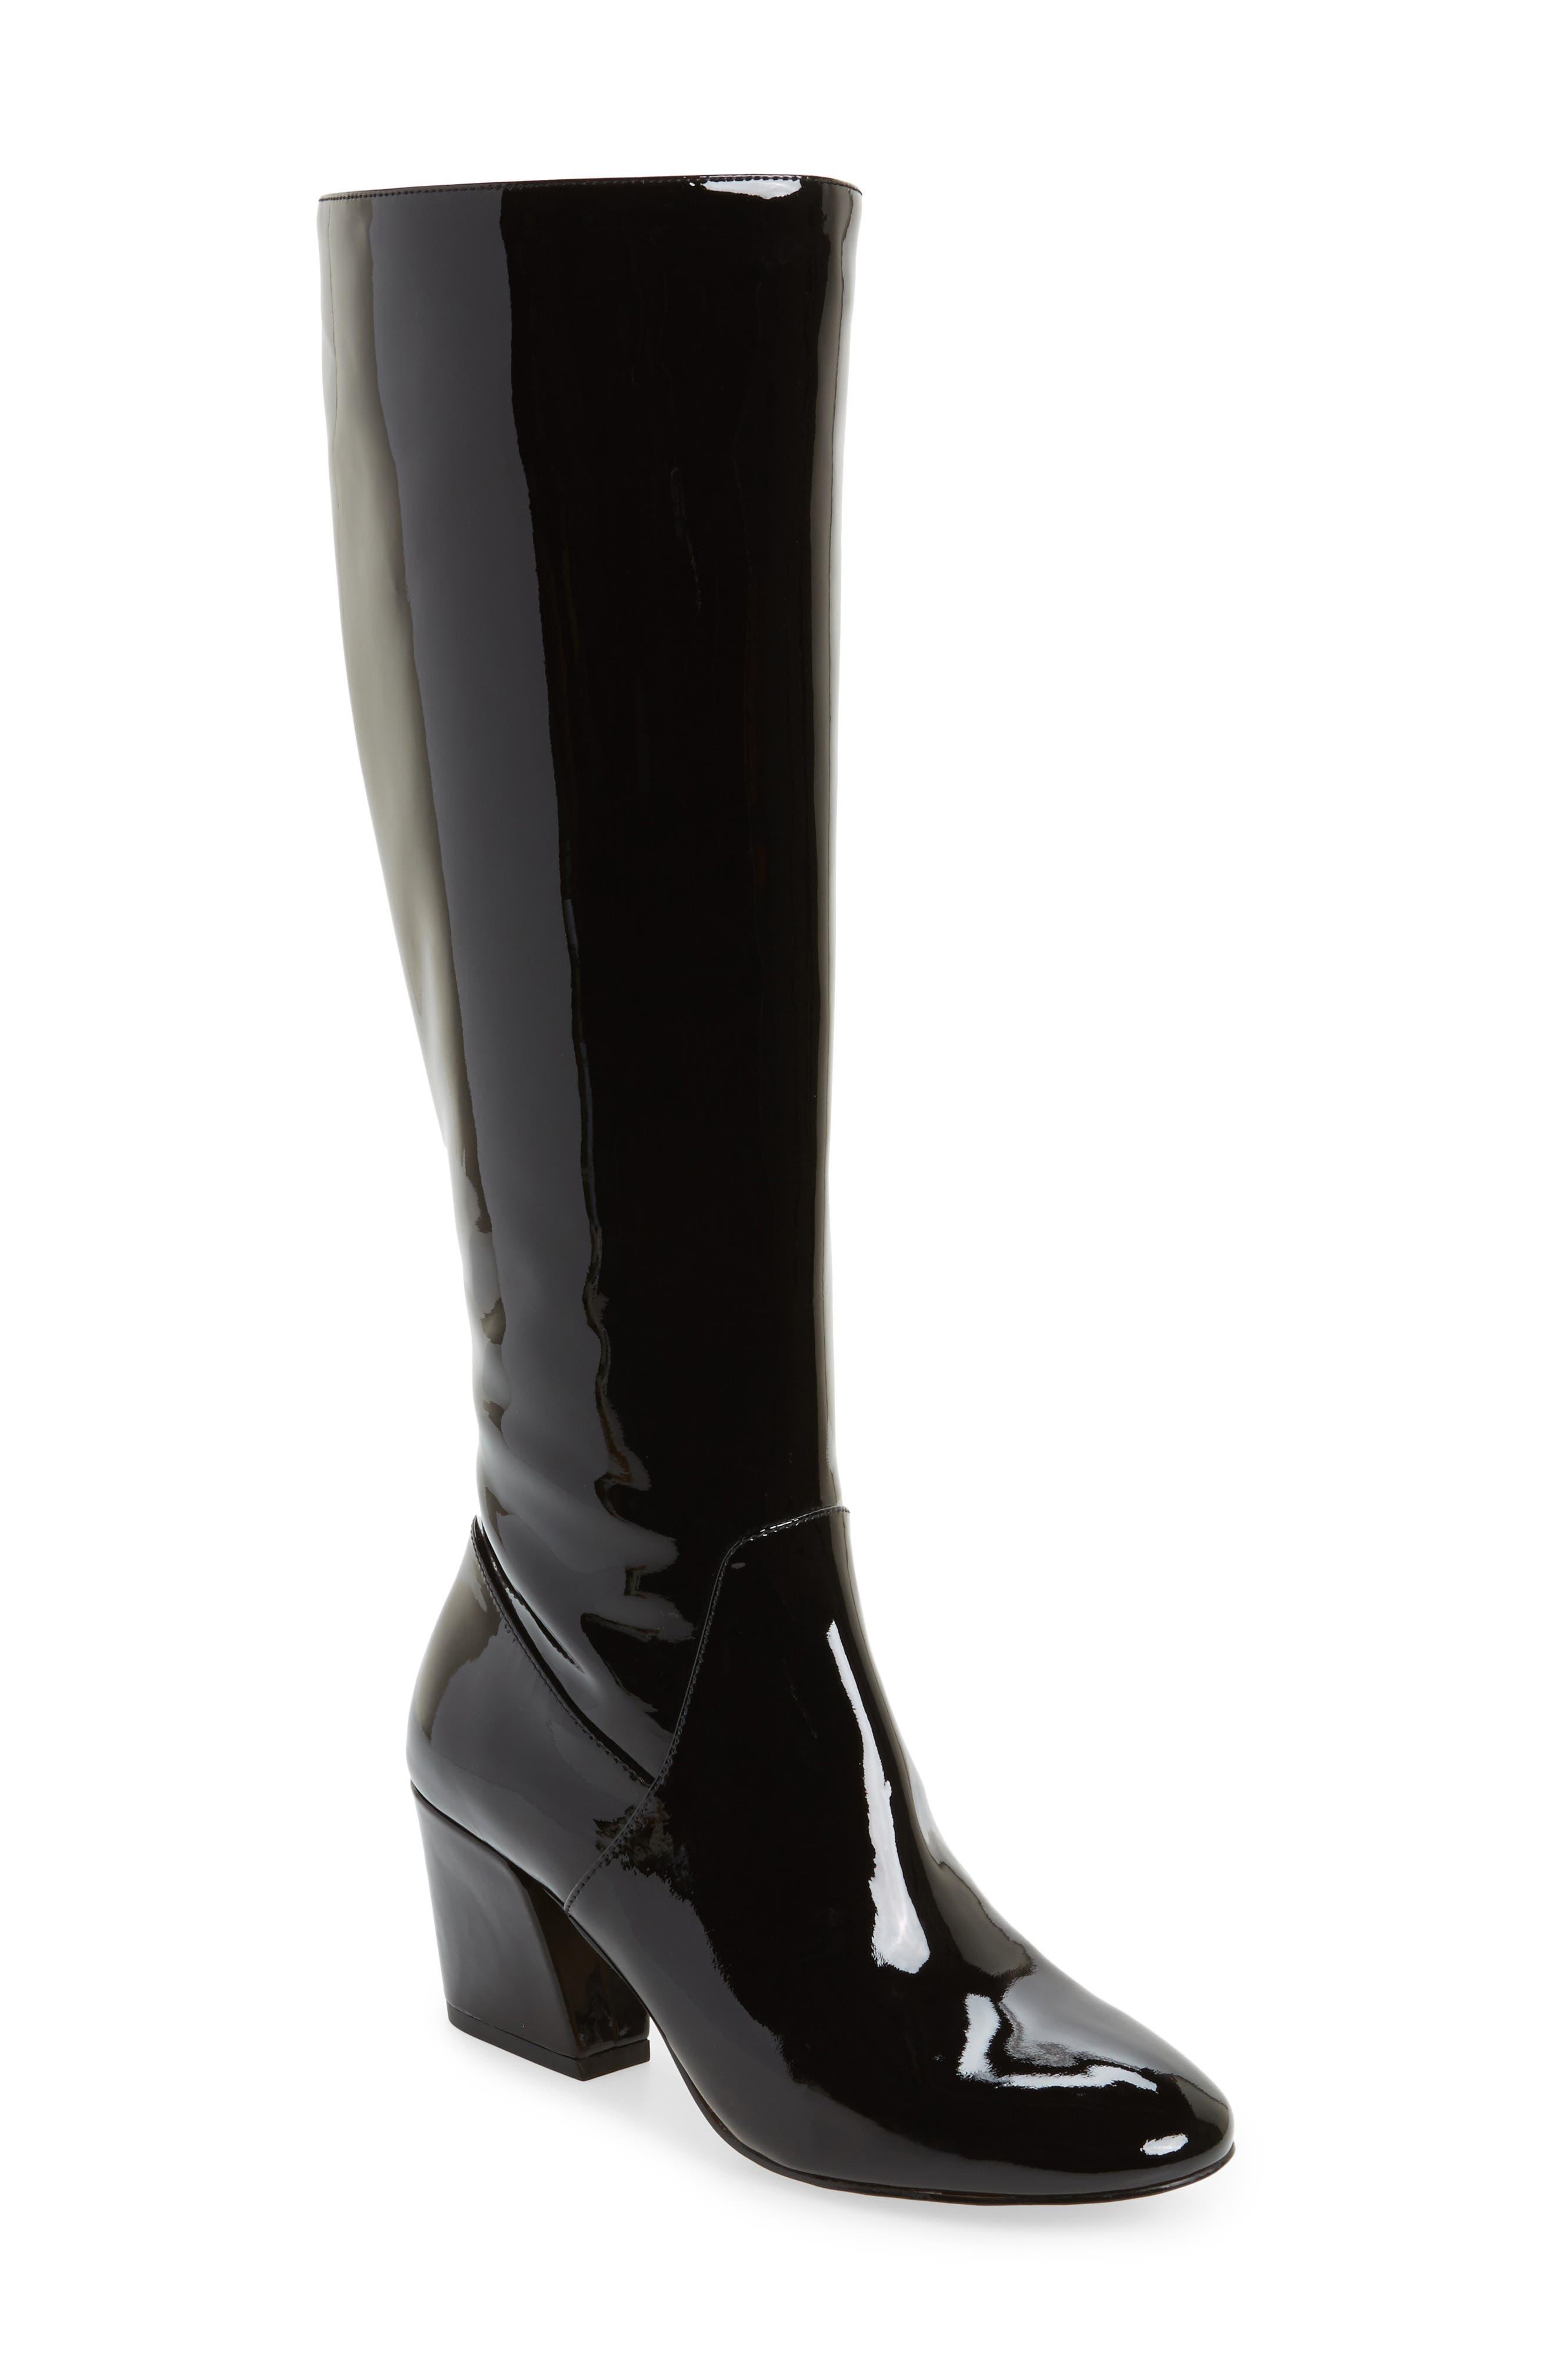 Main Image - Botkier Adelle Knee High Boot (Women)